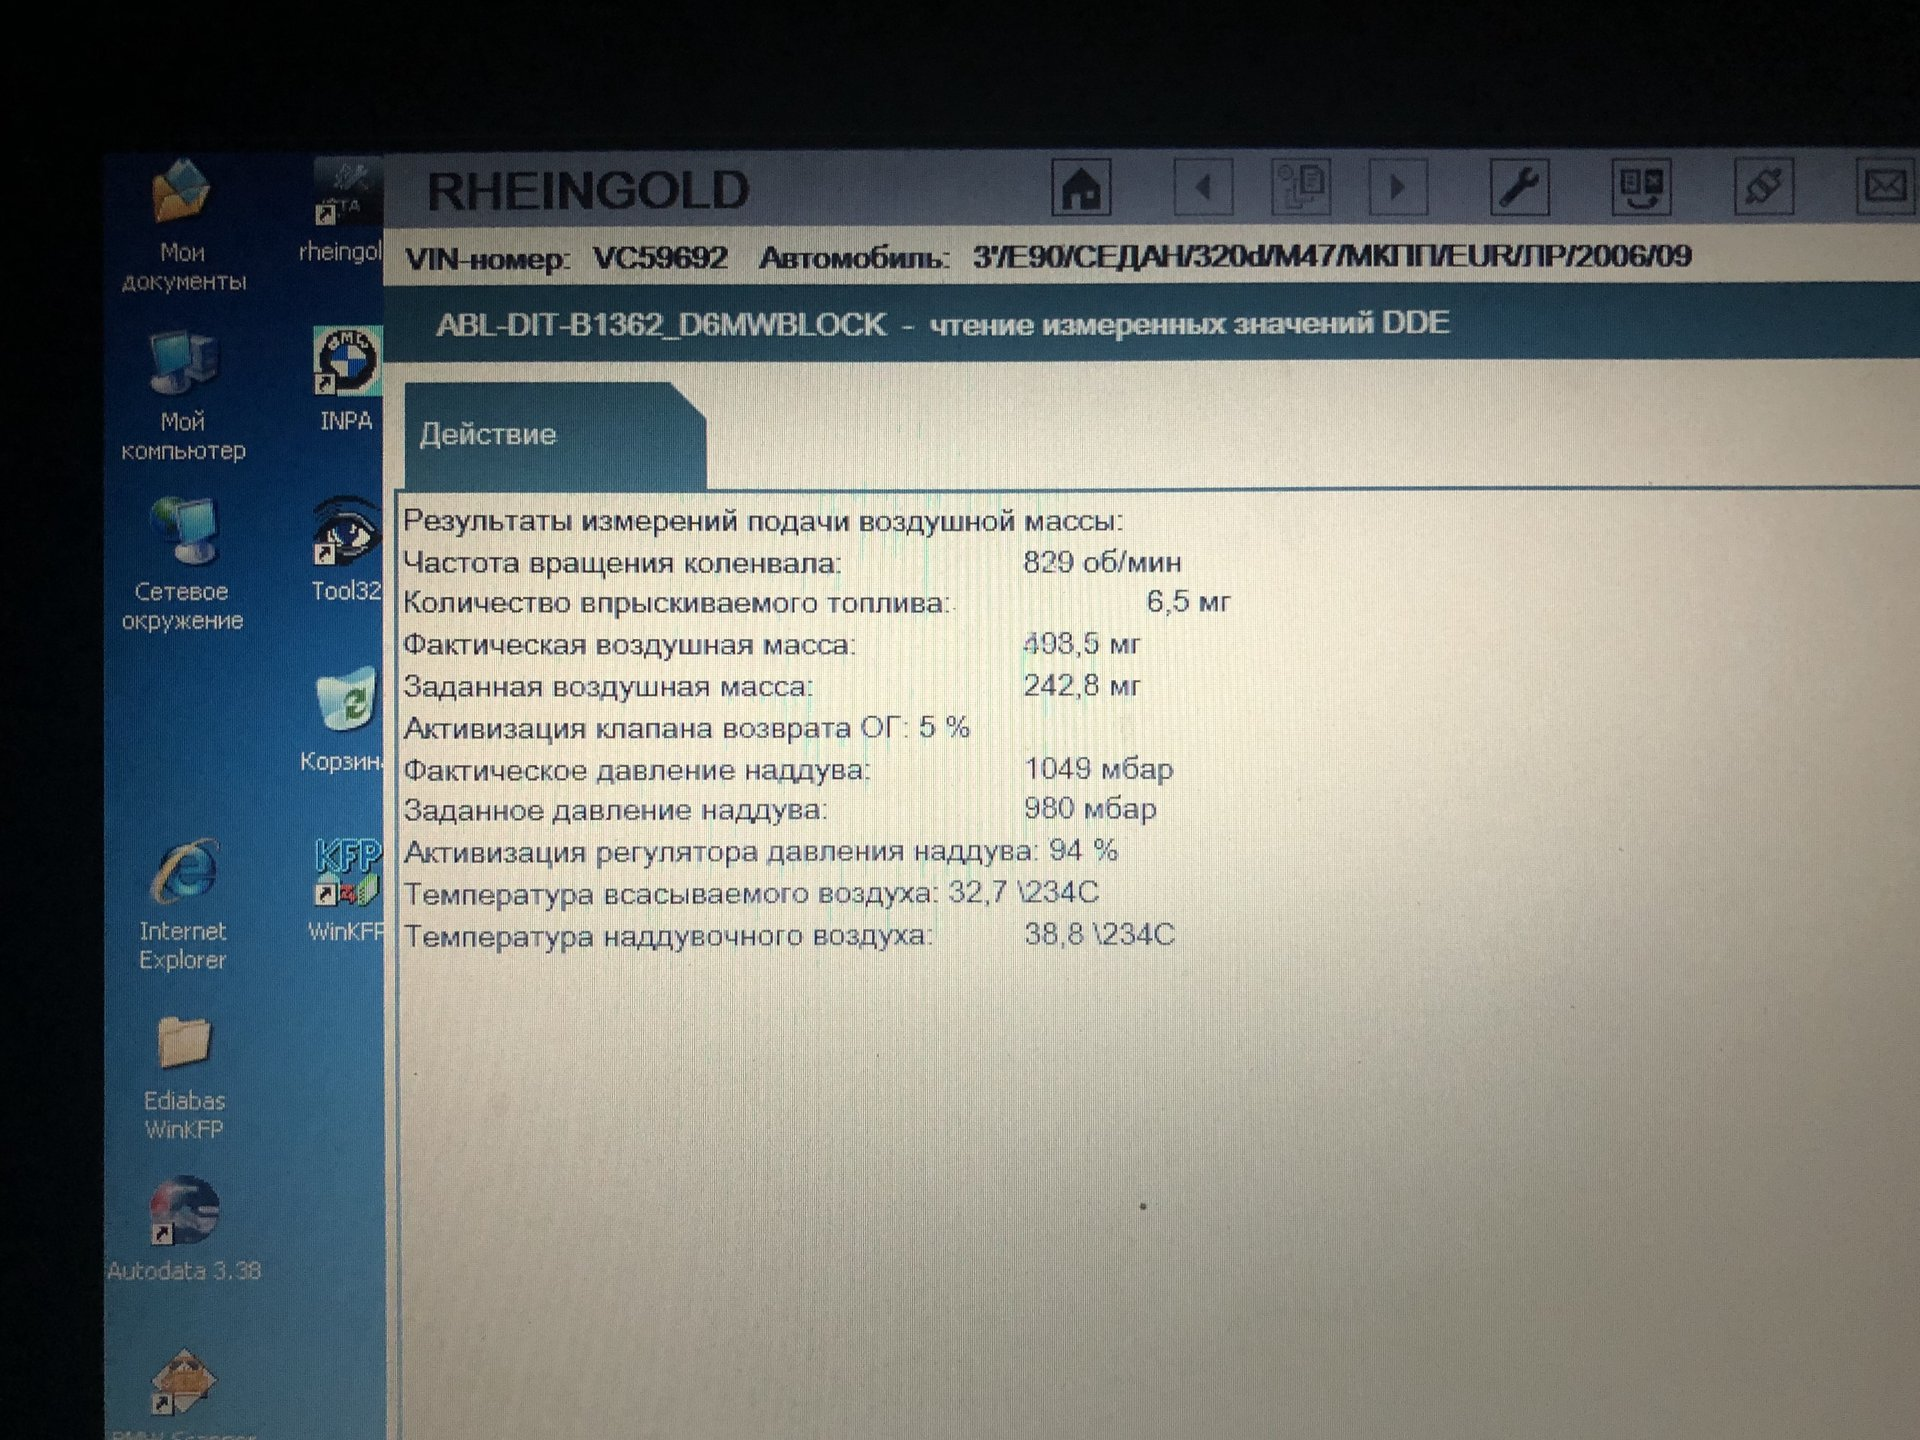 344CDA6F-7F64-4BB1-B3EE-953A461F0973.jpeg